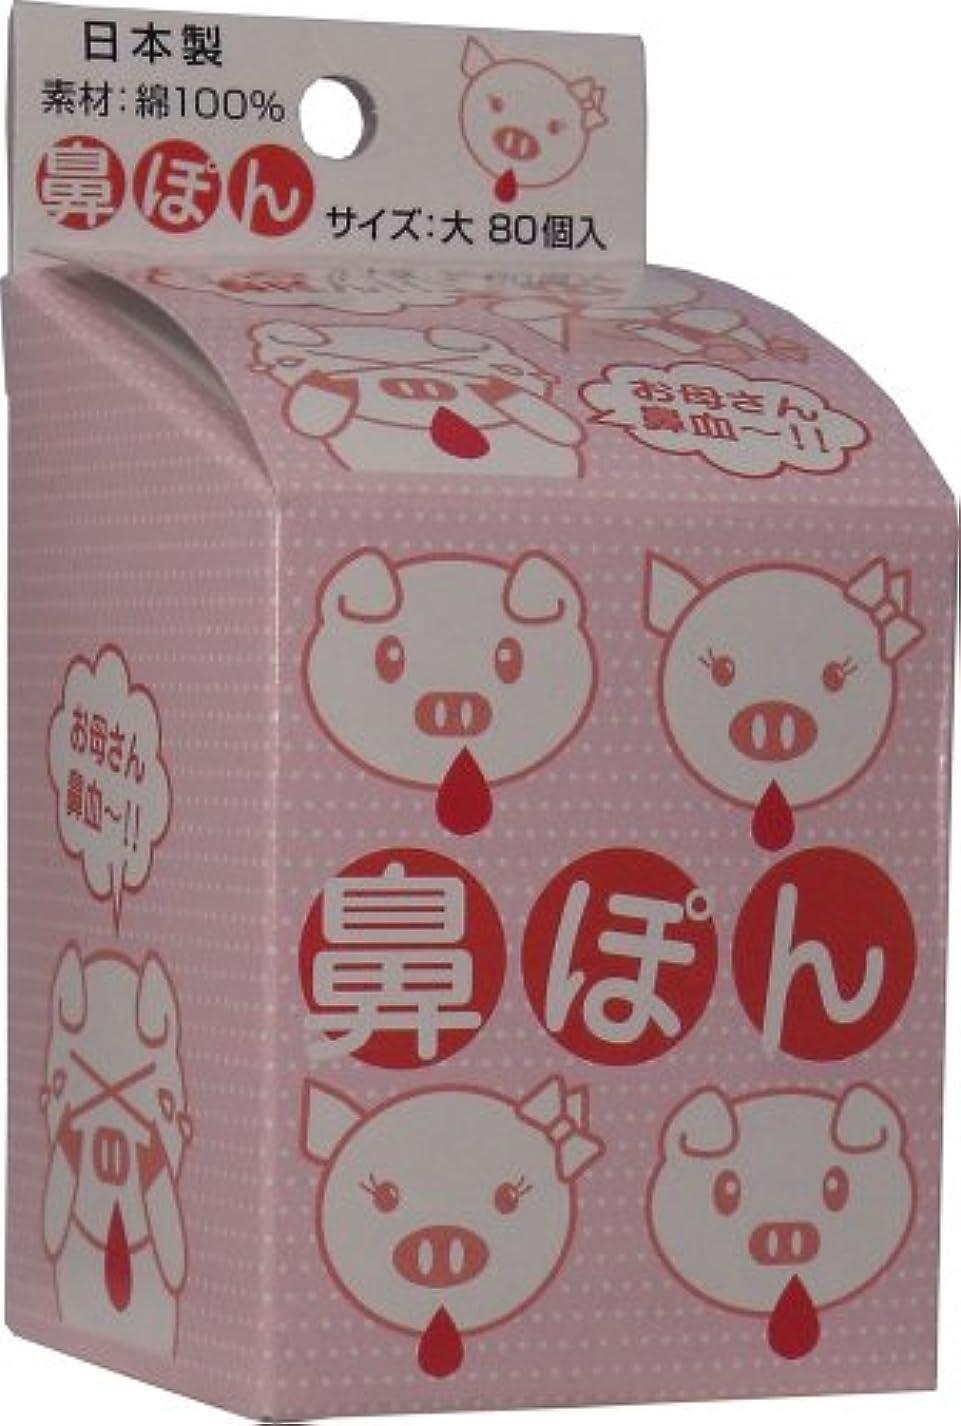 猫背太鼓腹雇用鼻ぽん (お母さん鼻血?) 大サイズ 80個入 (商品内訳:単品1個)